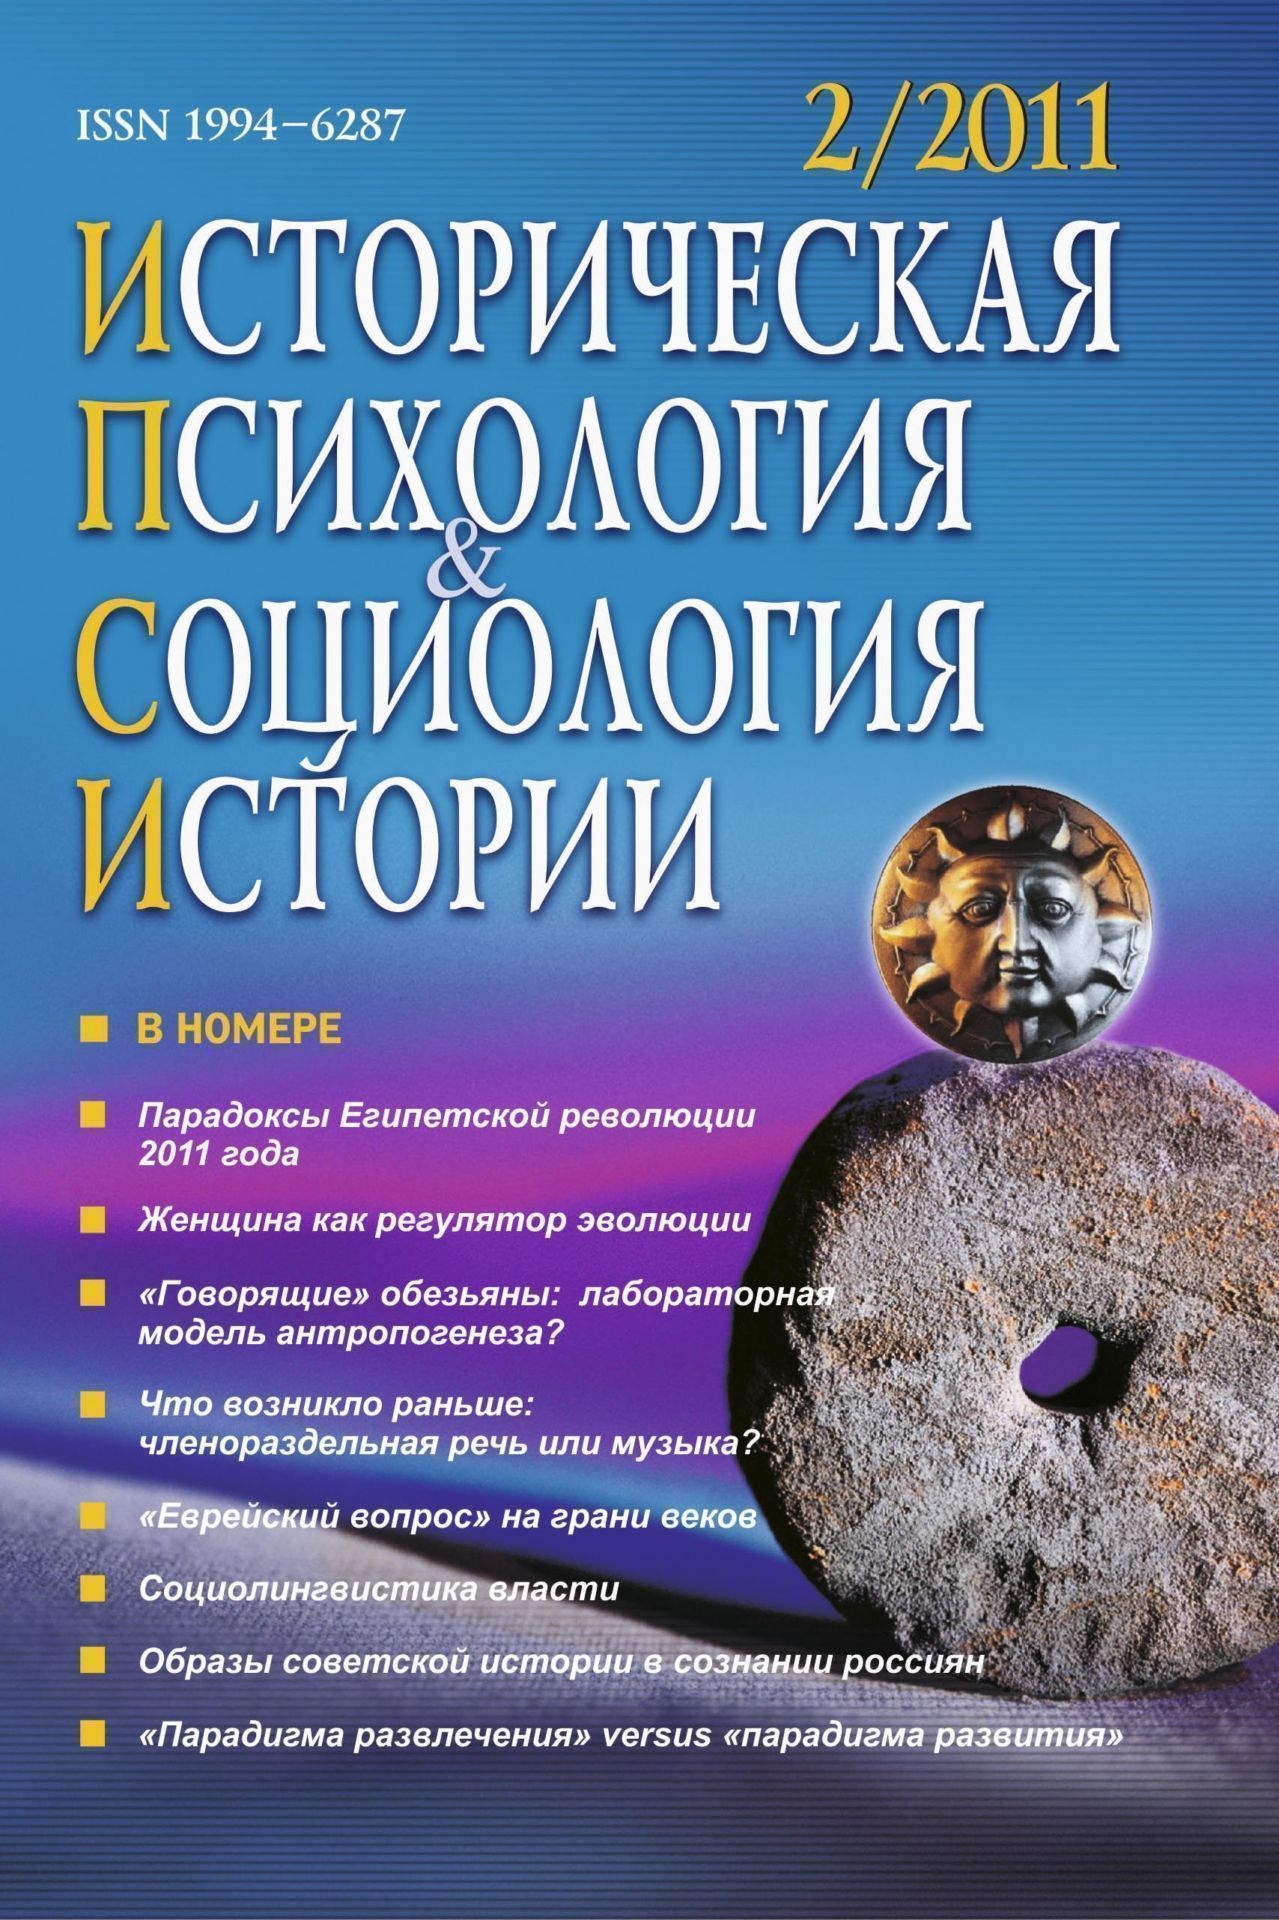 Историческая психология и социология истории. № 2, 2011 г. Научно-теоретический журнал.